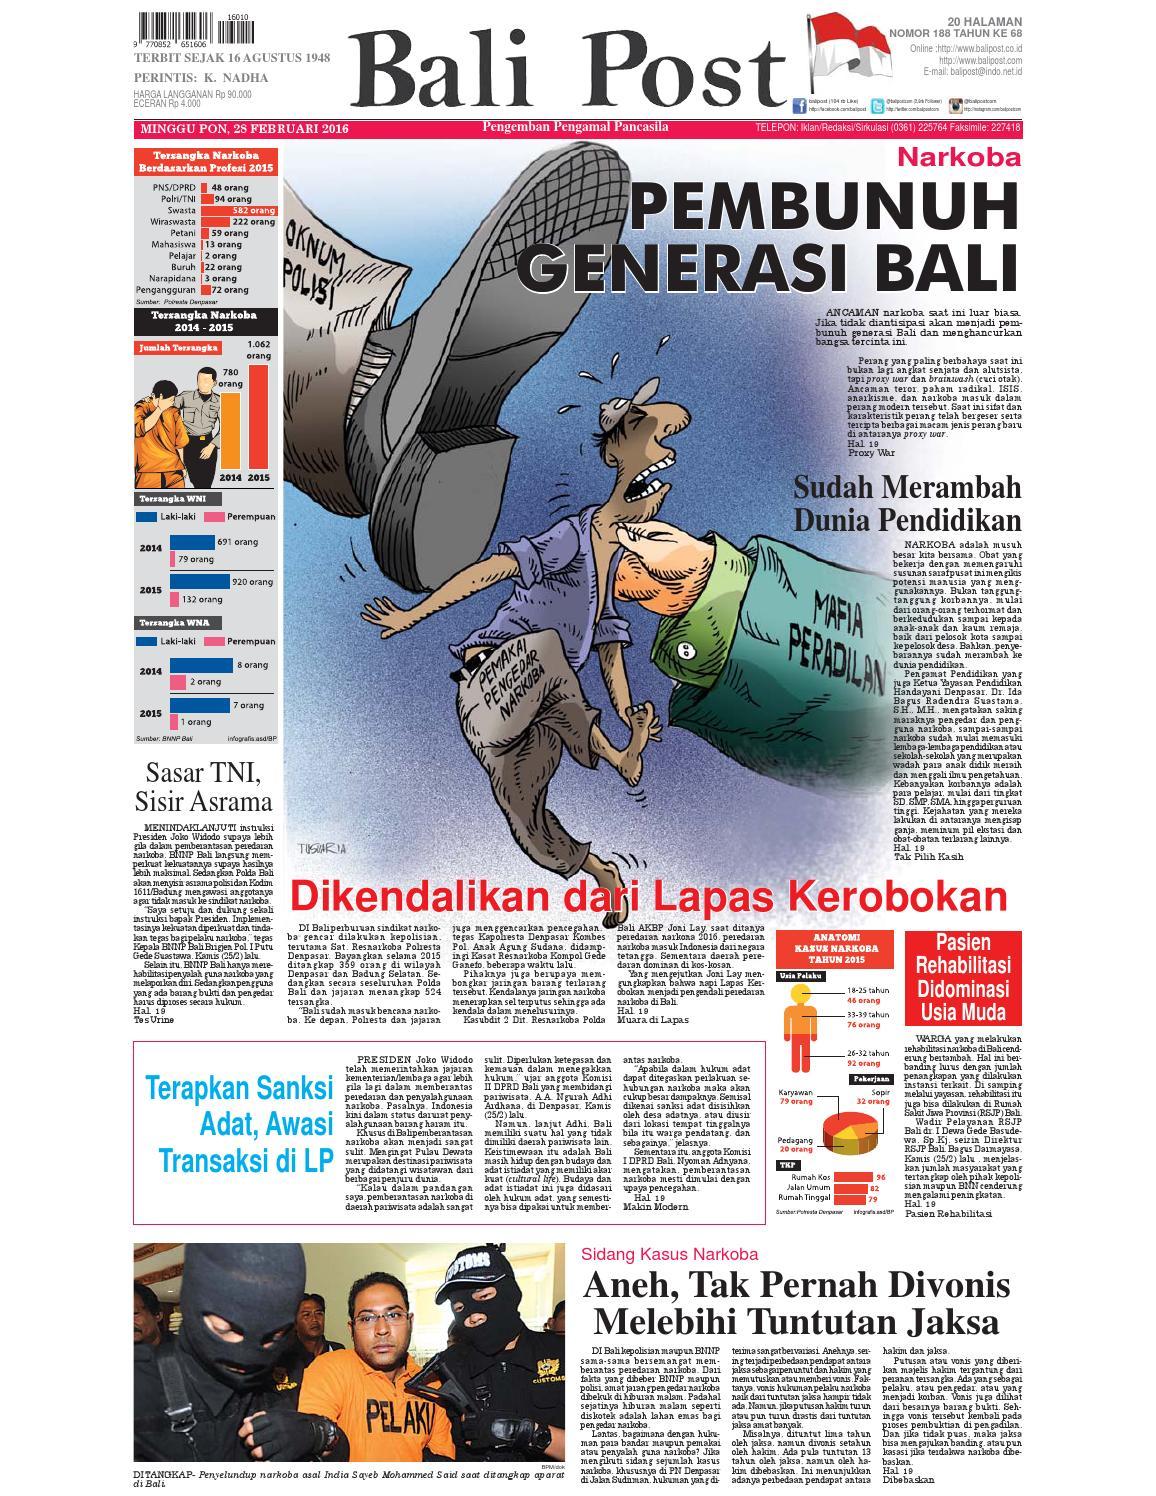 Edisi 28 Februari 2016 Balipostcom By E Paper KMB Issuu